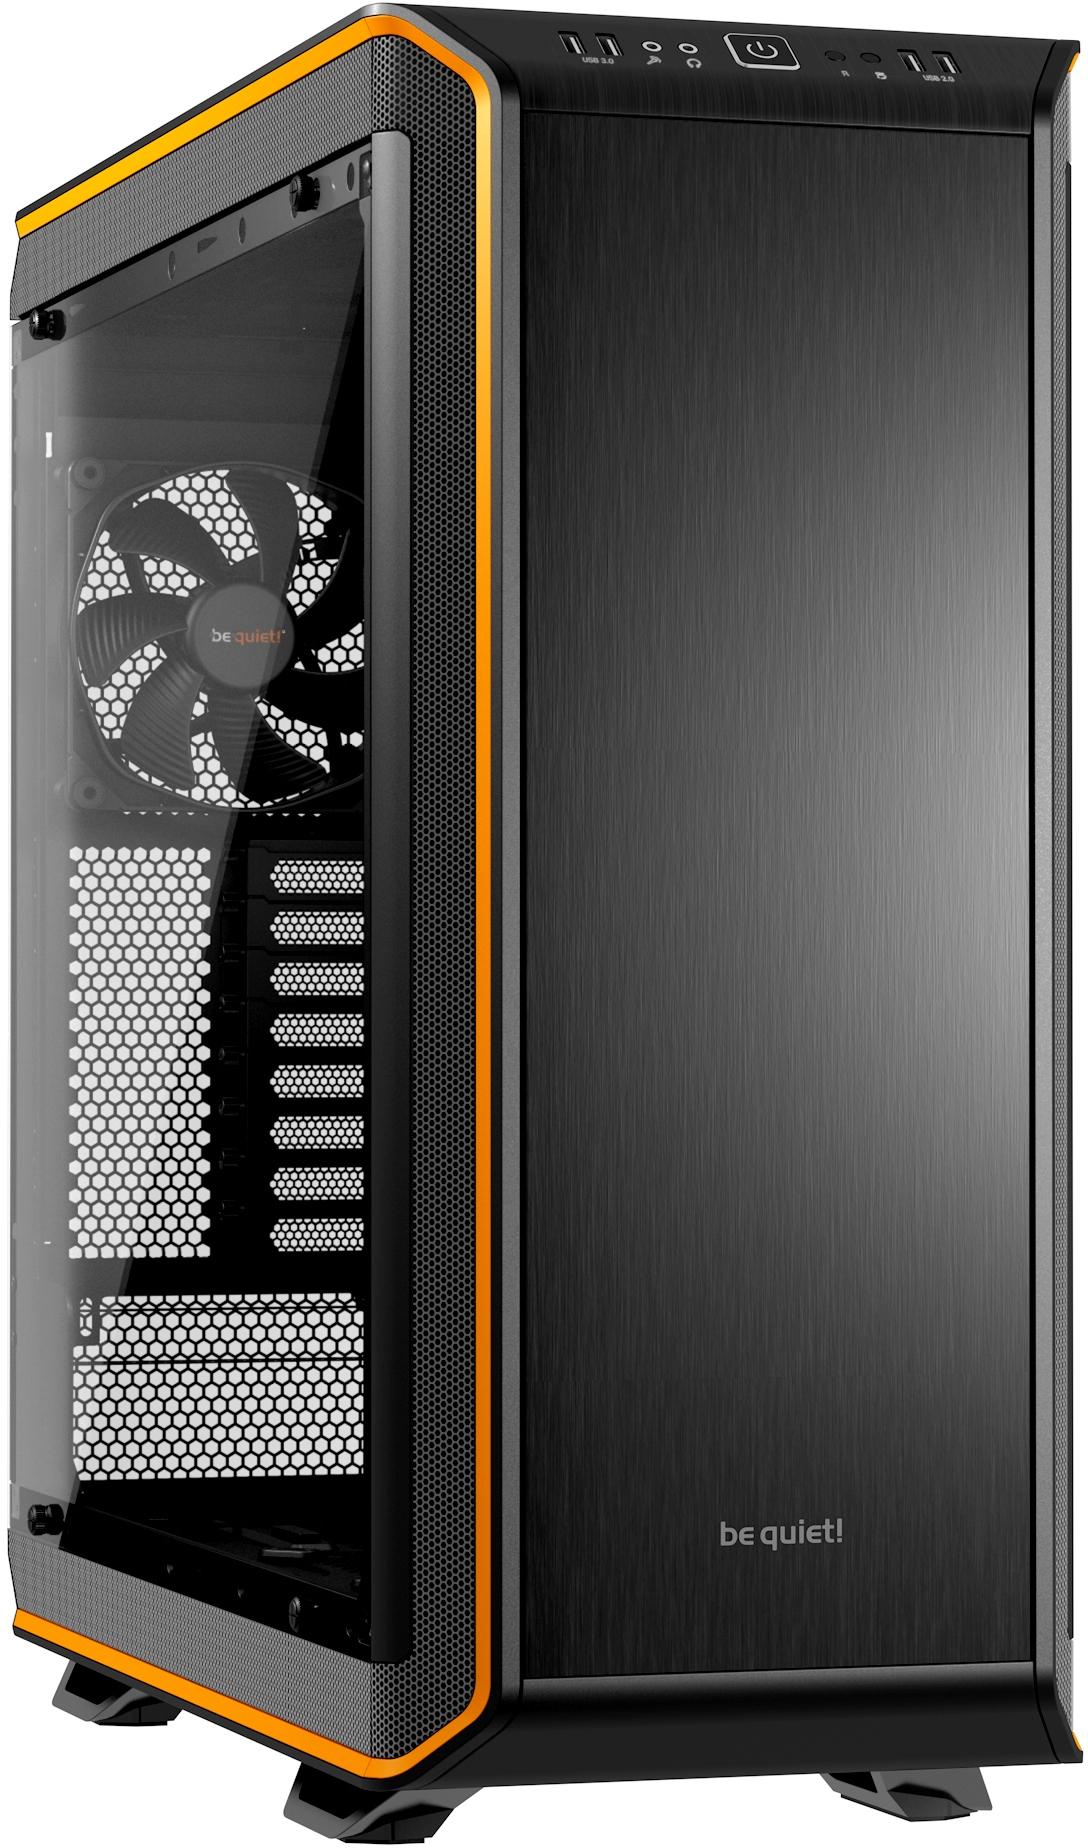 Be quiet! dark base pro 900 (zwart/oranje)   specificaties   tweakers